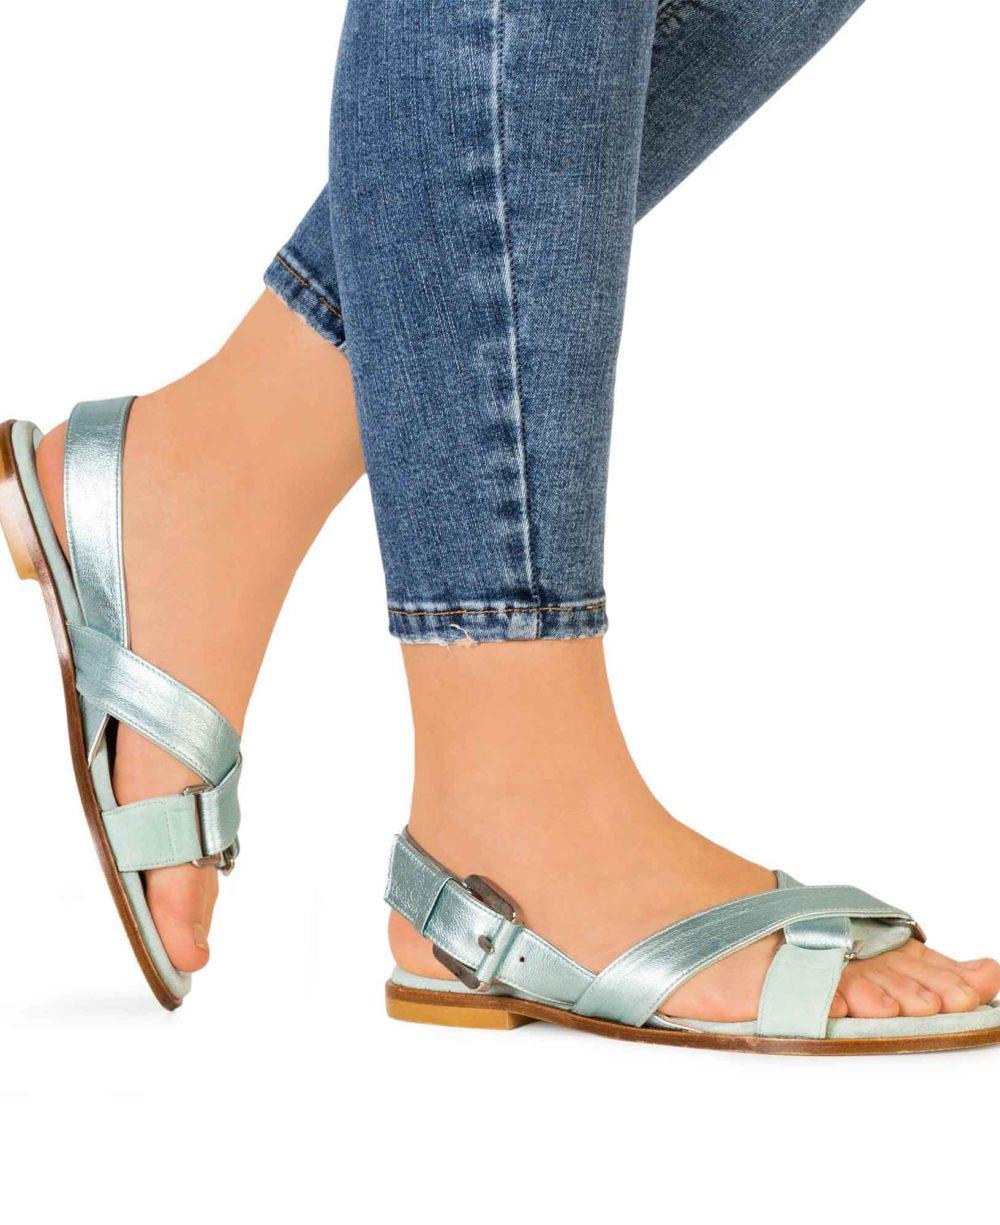 Sandalias de Piel Paco Gil - P-3922 Mint Velour MetalGrain Piernas